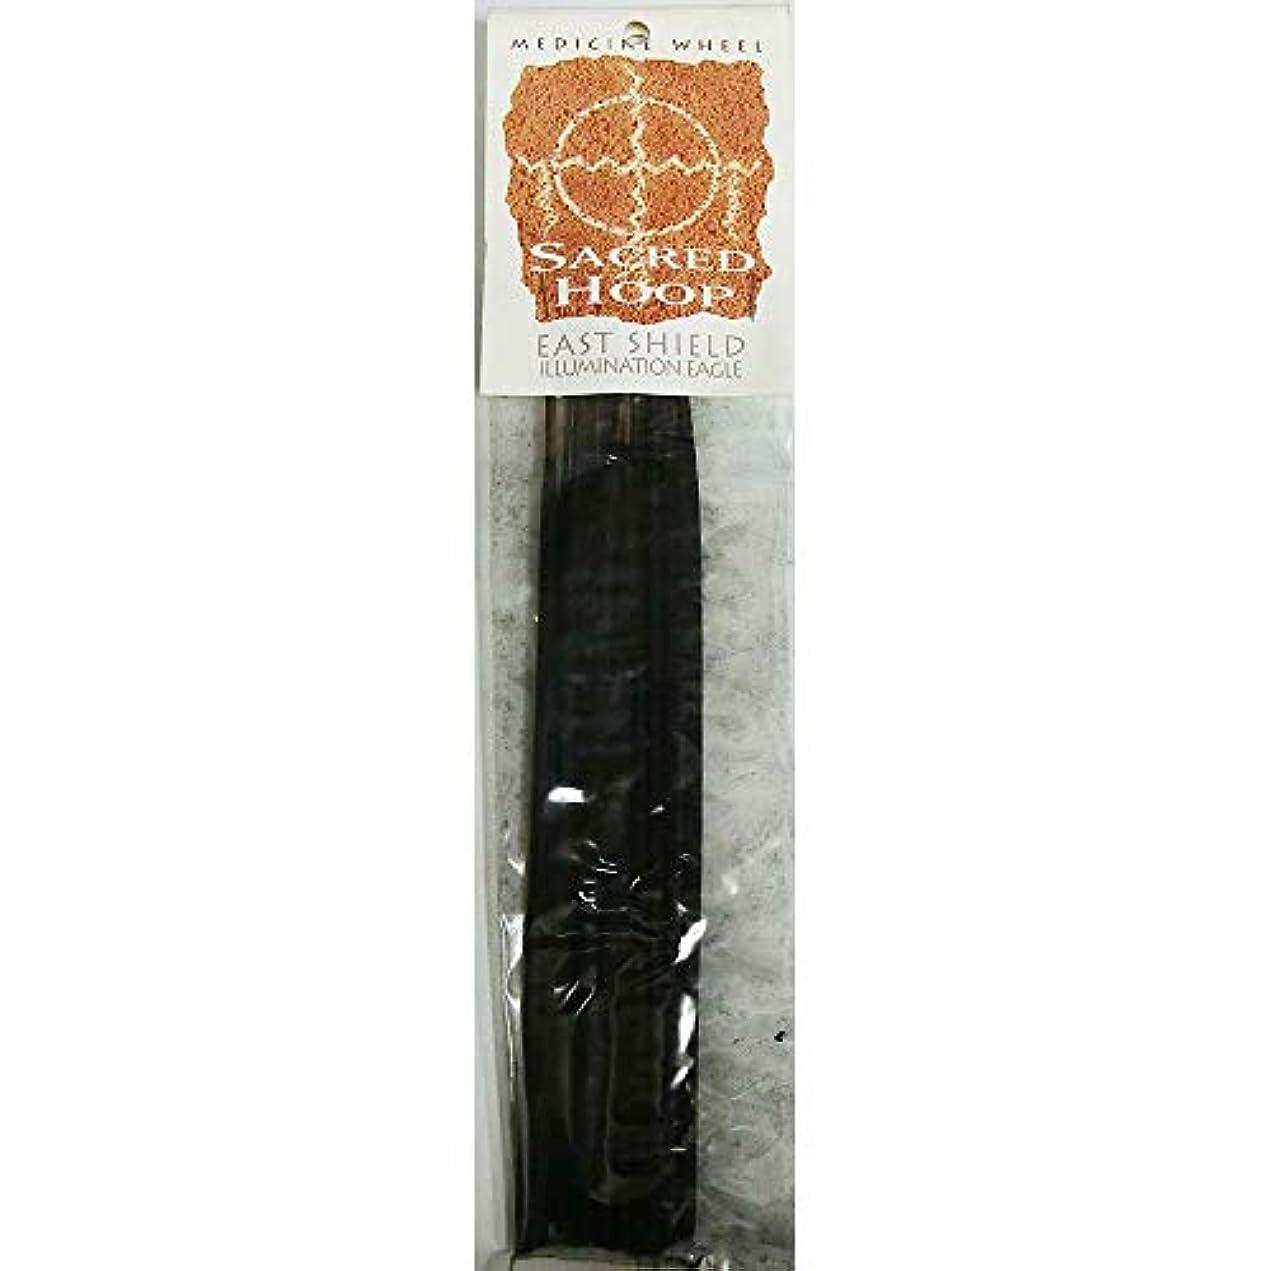 骨髄香水知らせるお香 Medicine Wheel Sacred Hoop East Shield Illumination Eagle インセンス魔法のお香